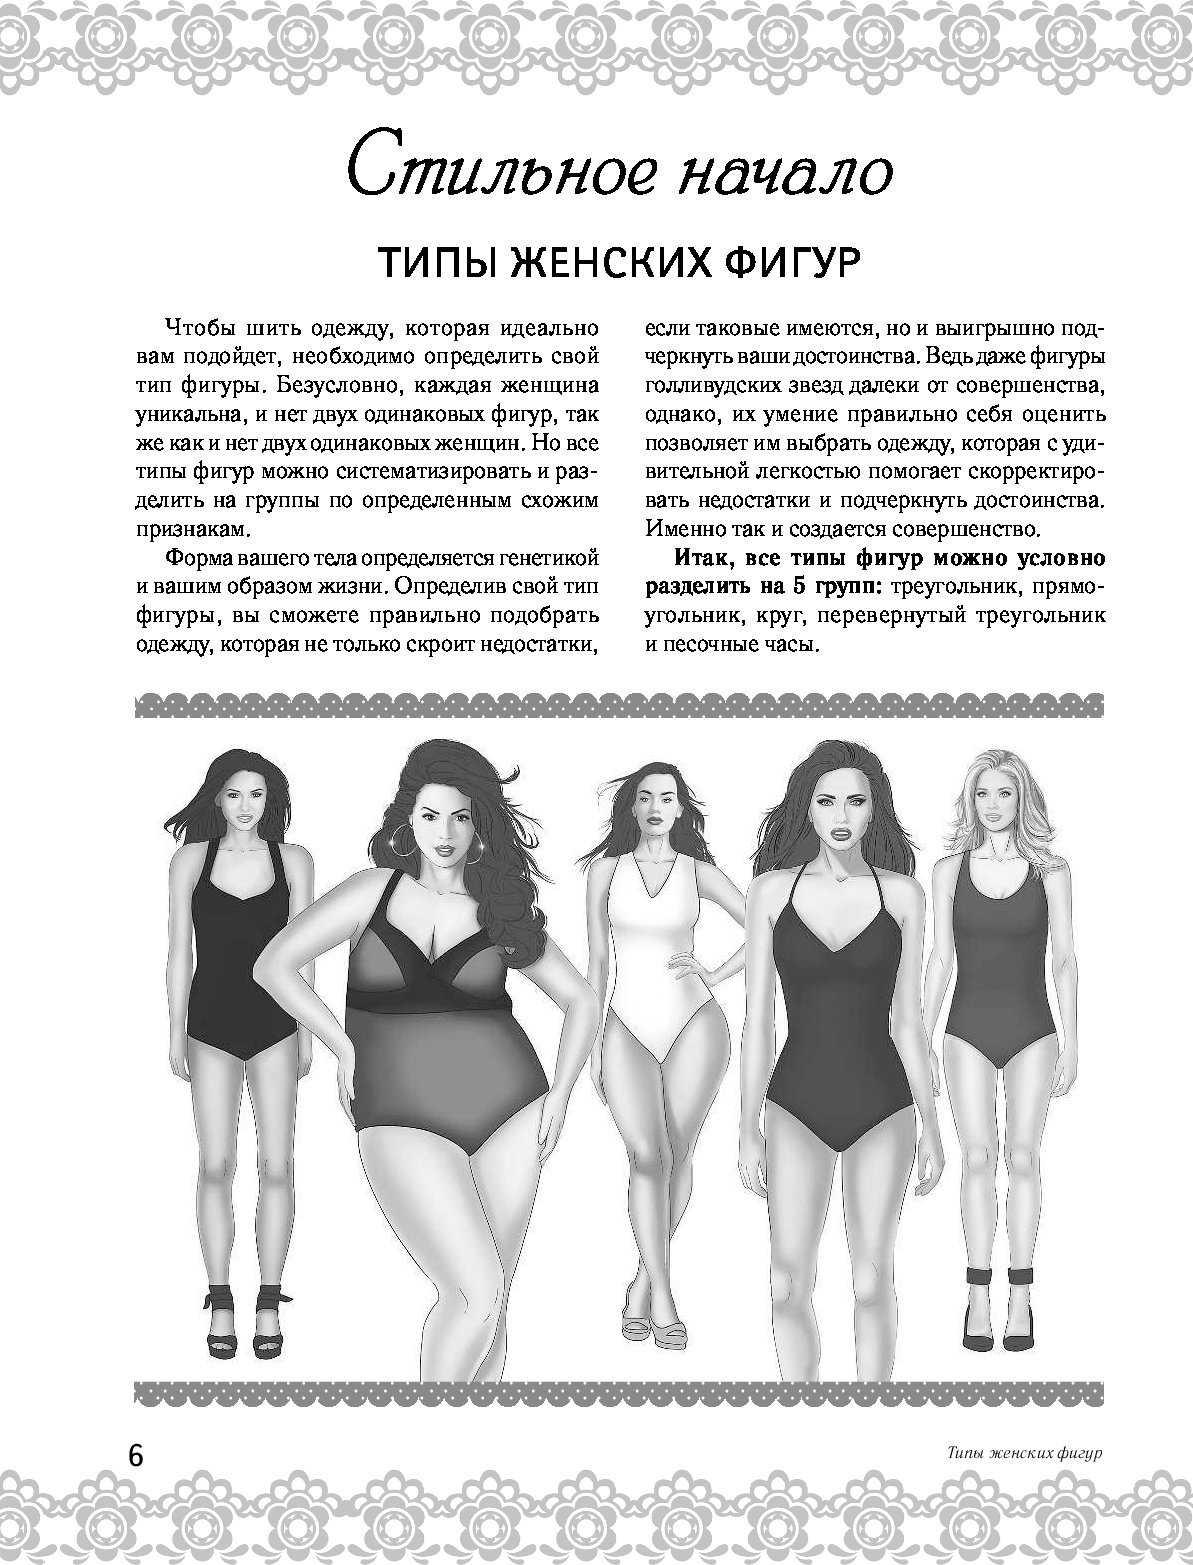 Типы фигуры у женщин, как определить тип фигуры и подобрать одежду, советы